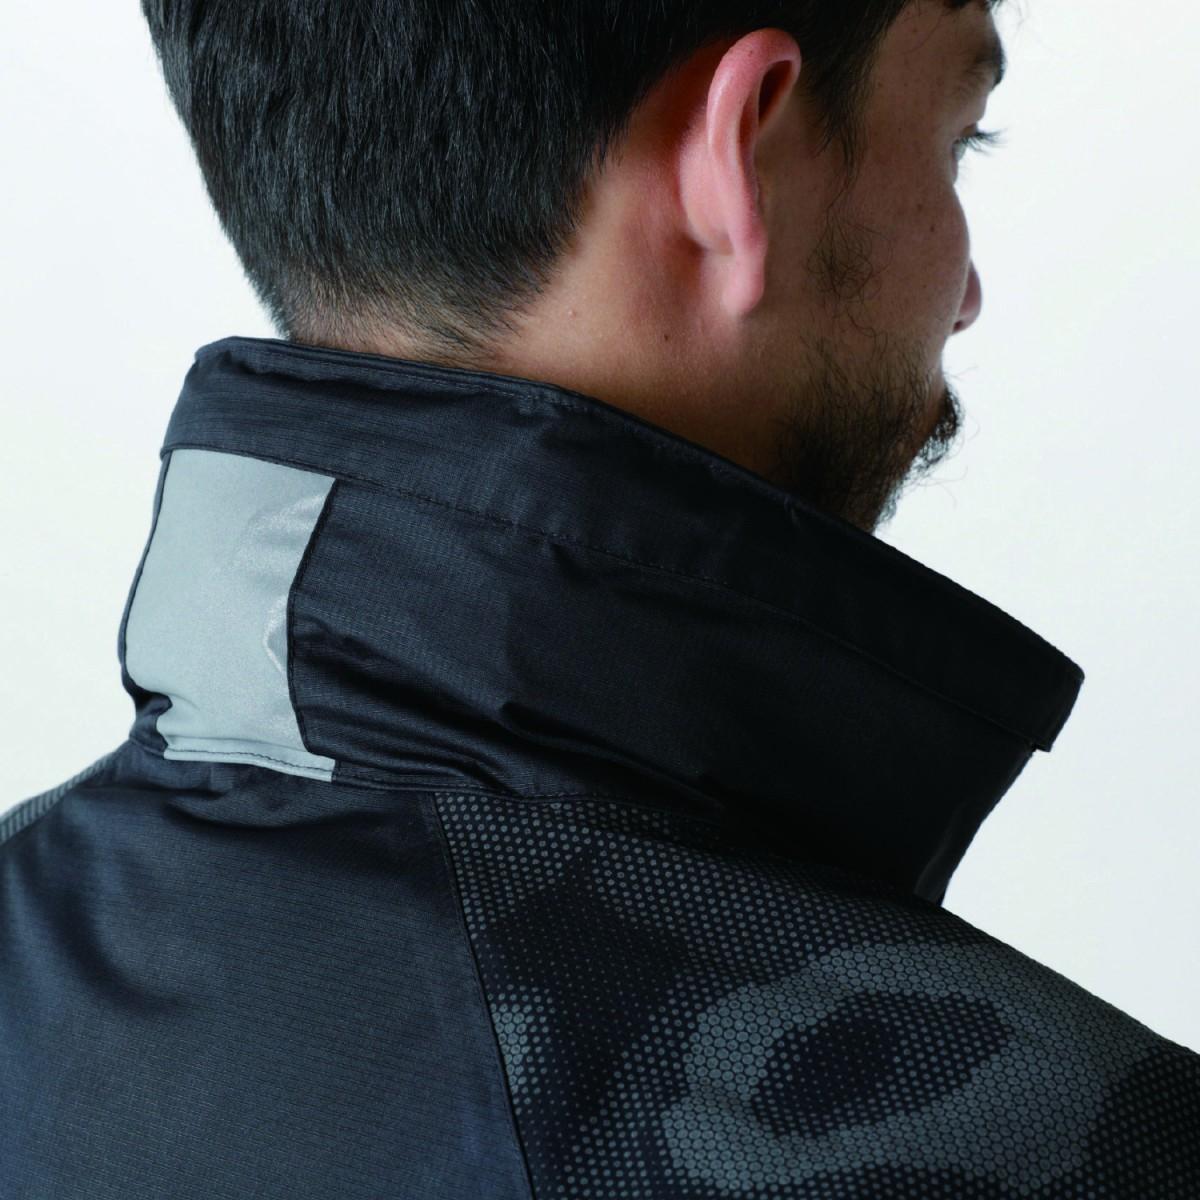 TS DESIGN  18236 メガヒートフラッシュ防水防寒ジャケット フードは収納できます。